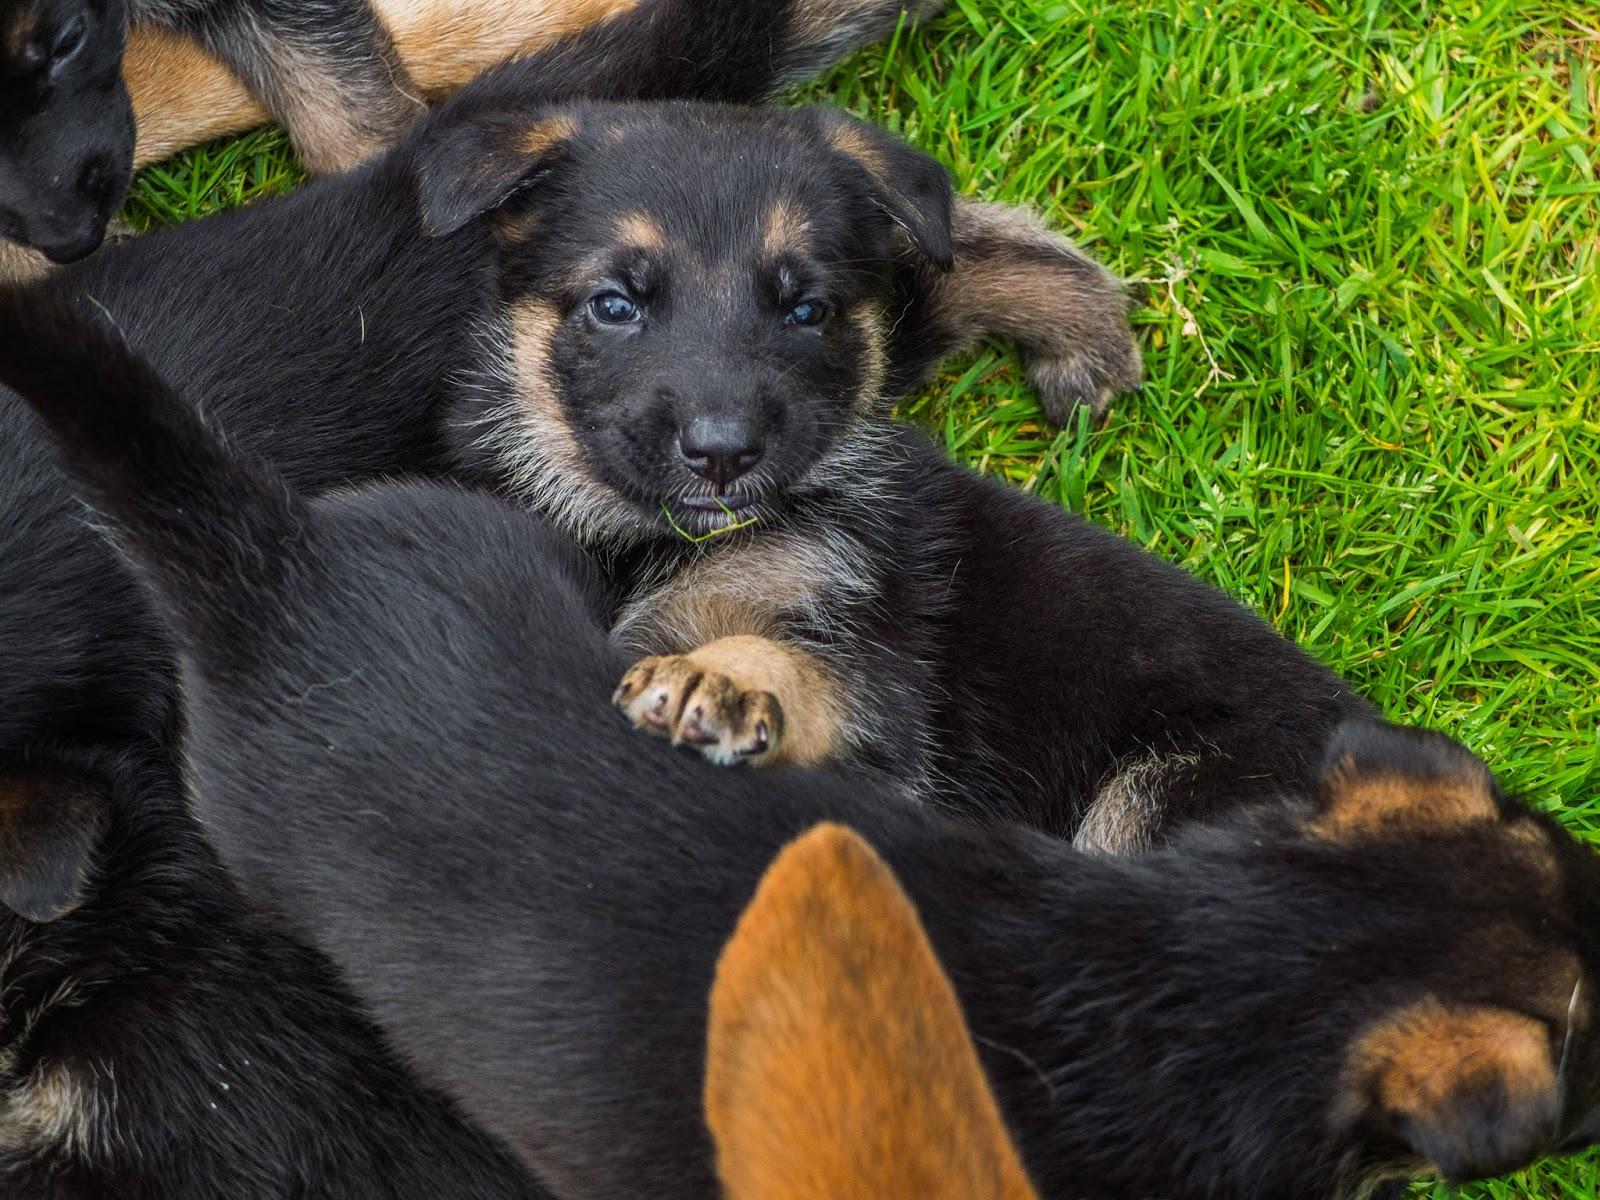 4 week old German Shepherd puppy looking at the camera.